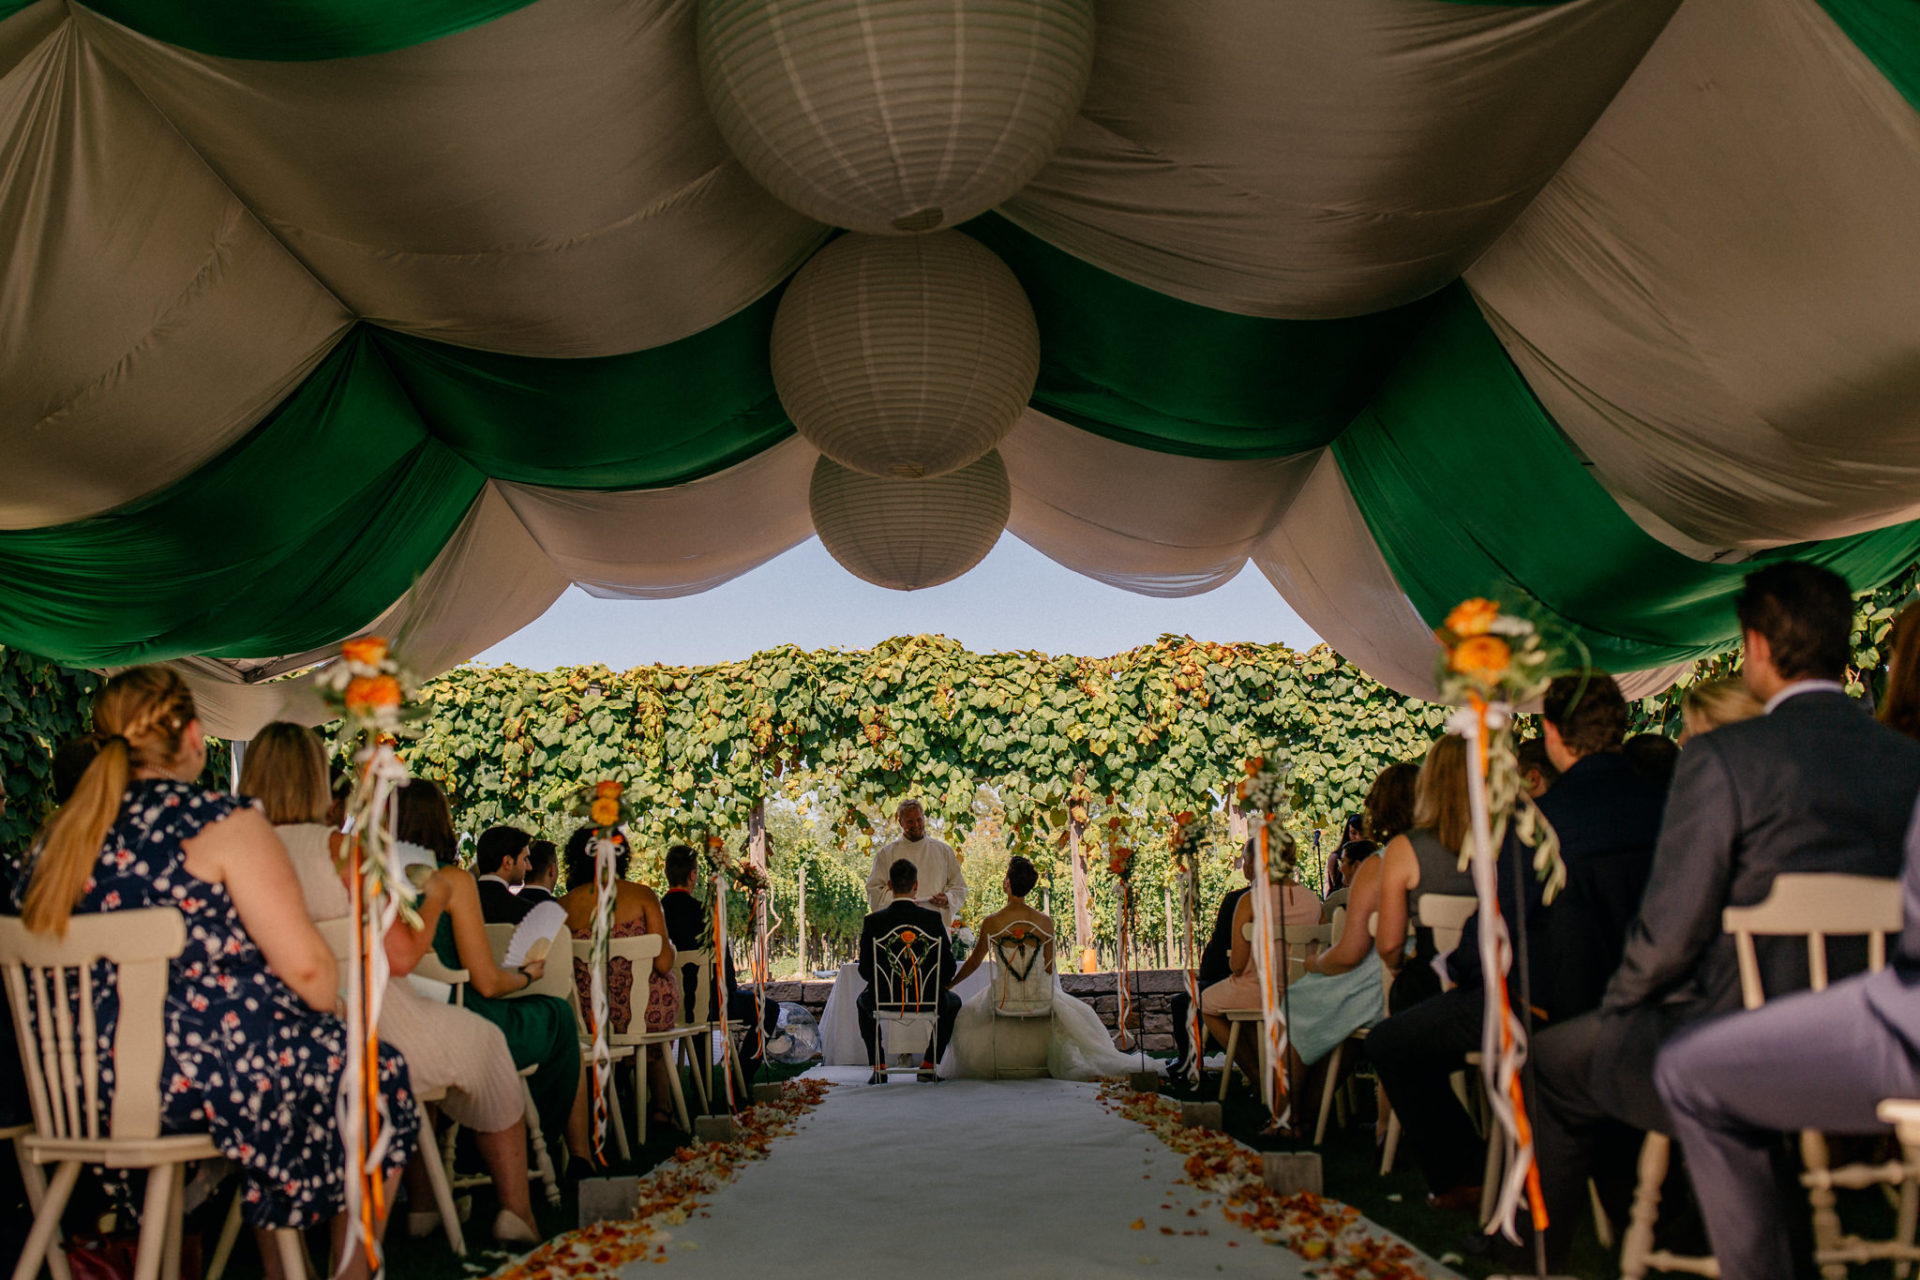 Weingut Fitz Ritter Hochzeitsfotograf-heiraten Pfalz-Sommerhochzeit Trauung im Freien Zelt